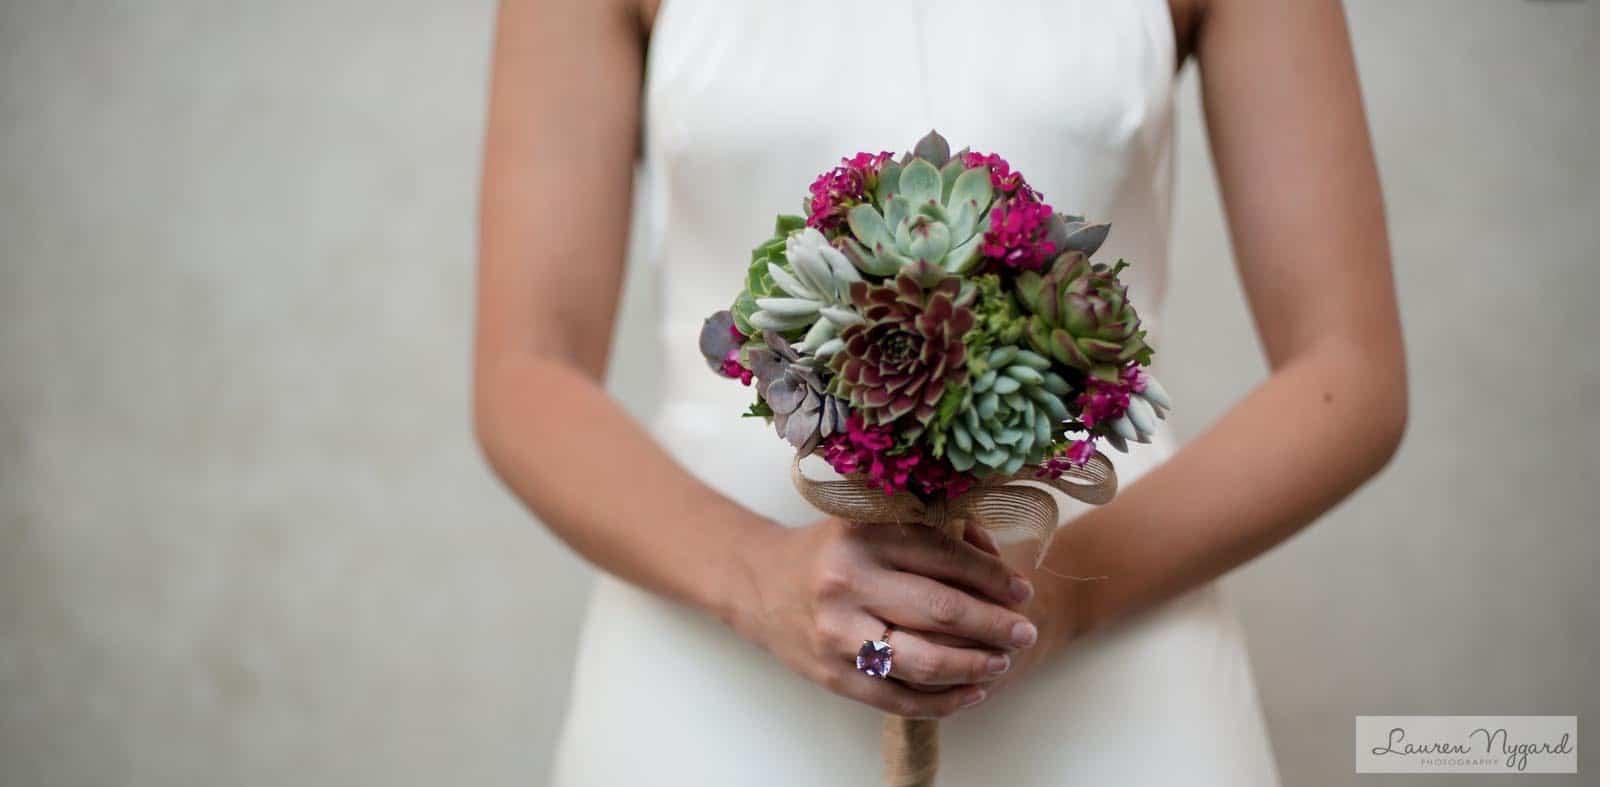 Succulent bouquet-2.26